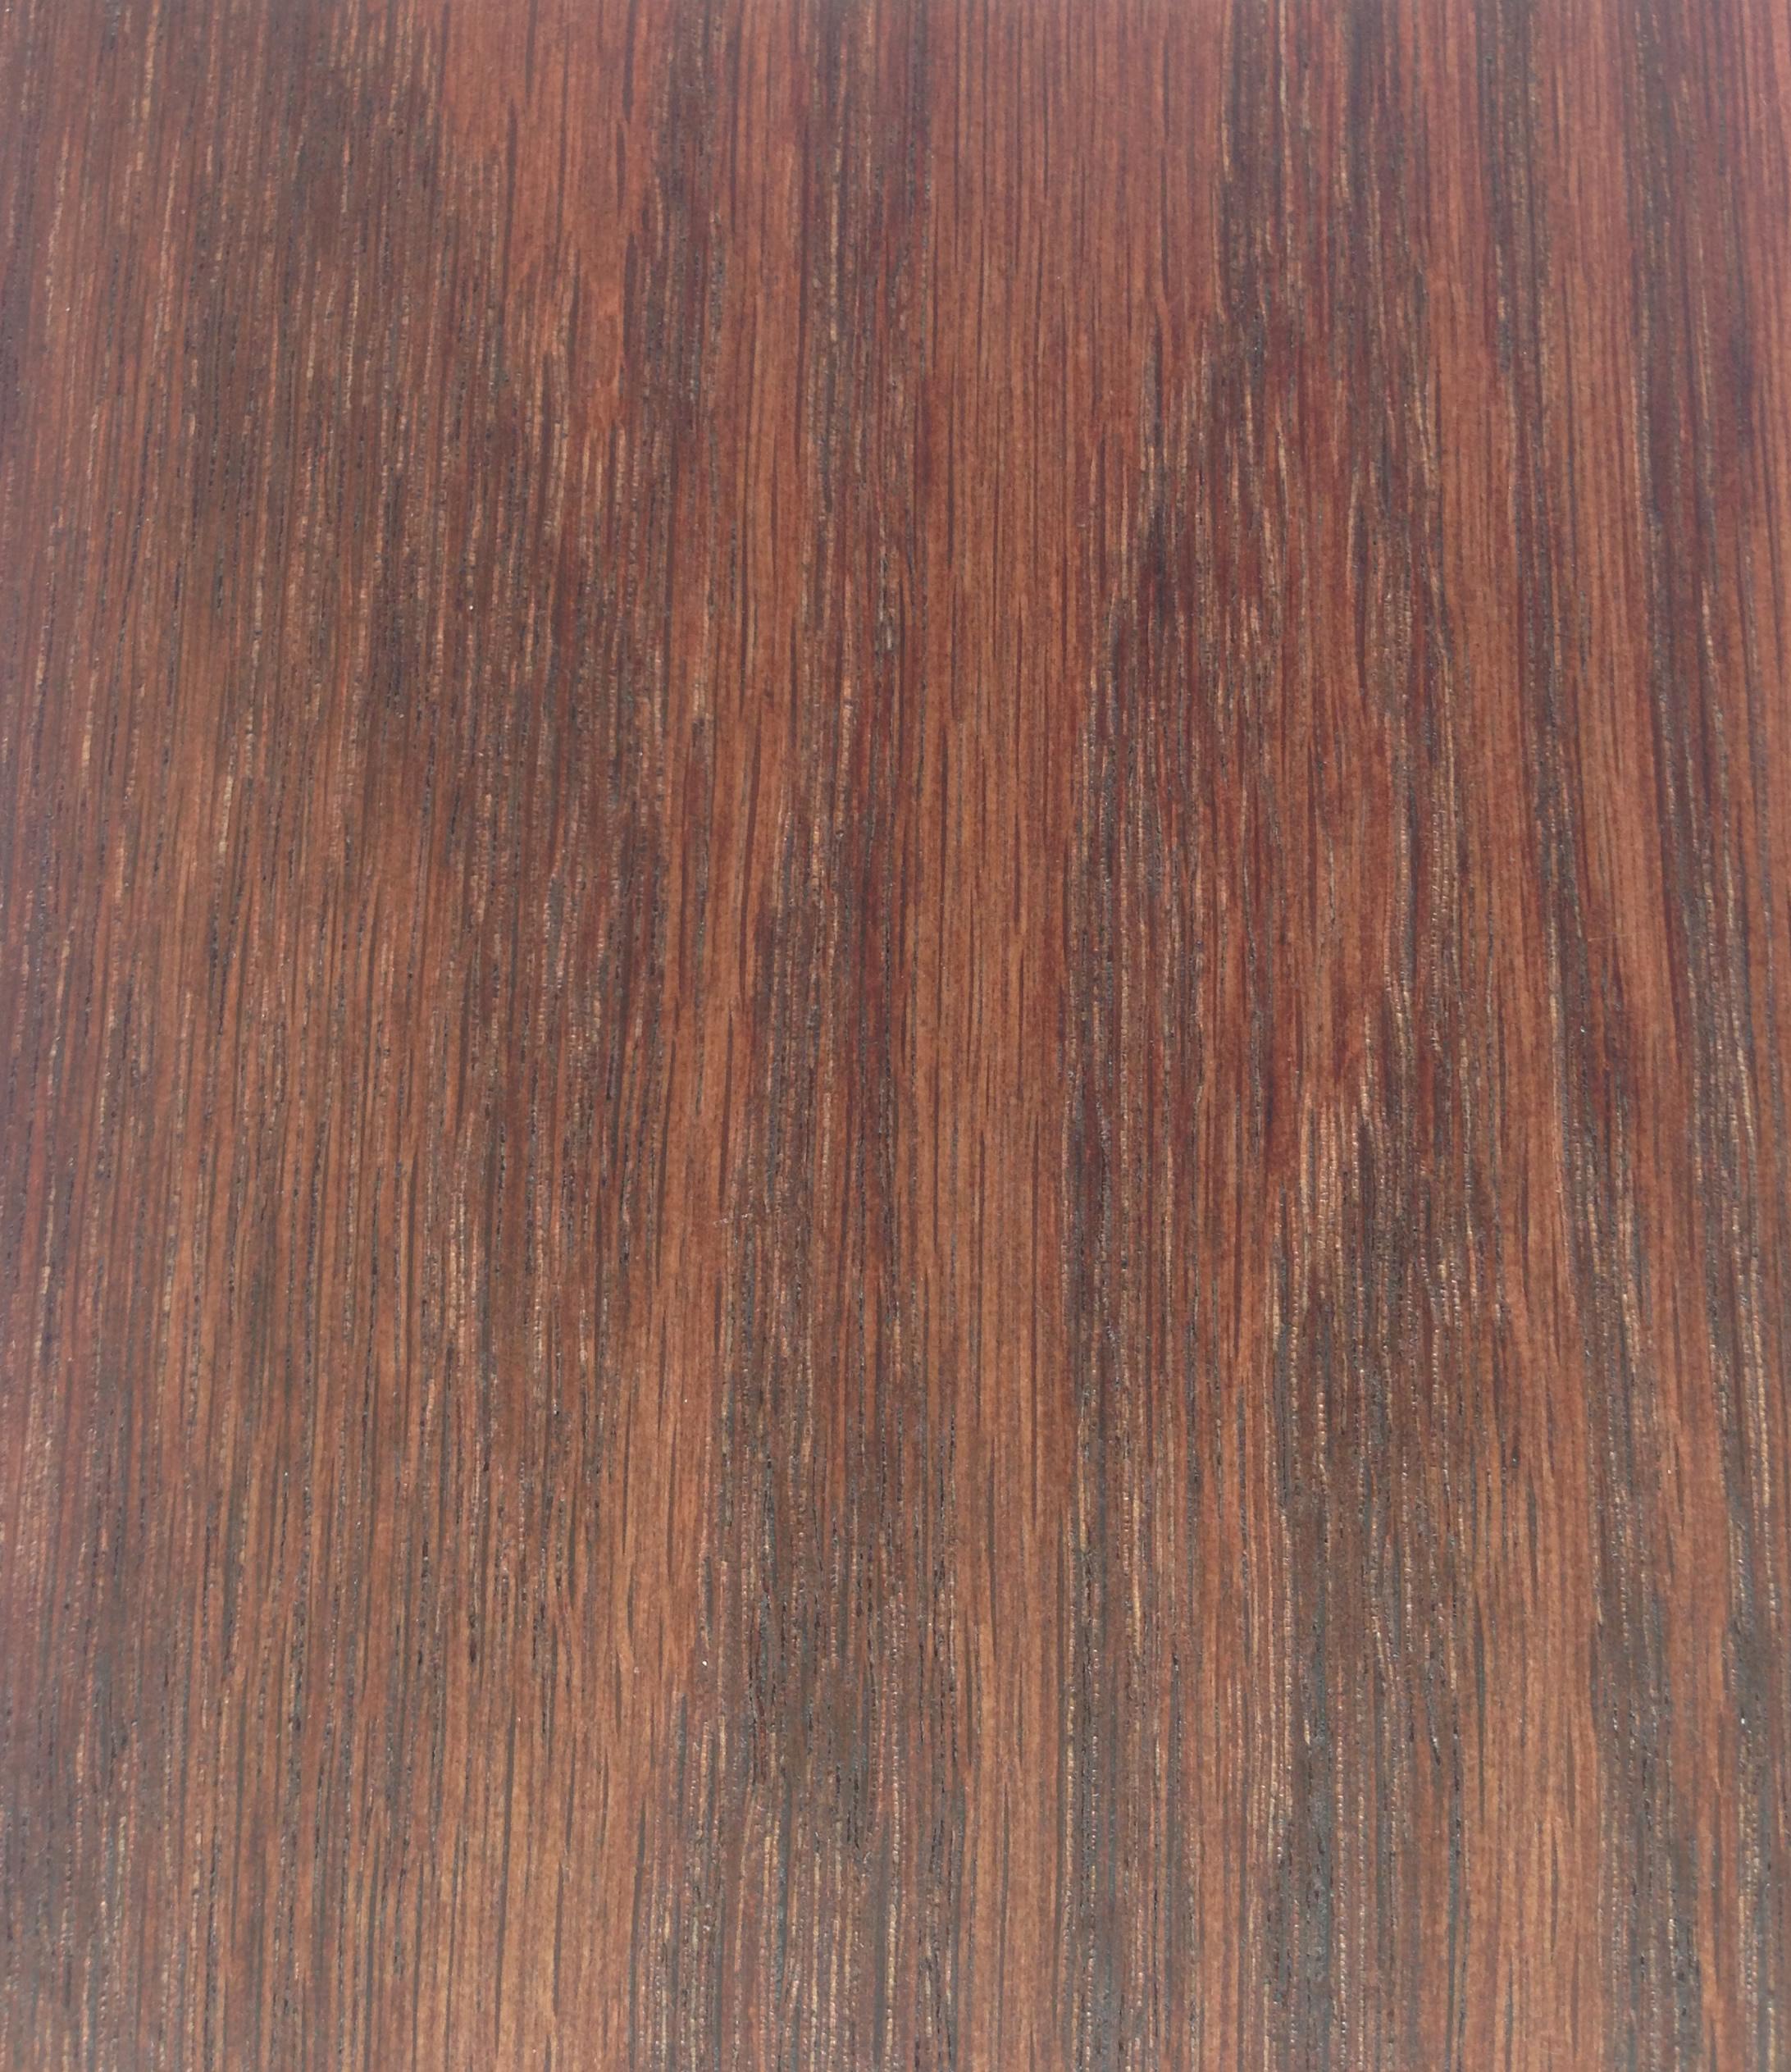 red-oak-fc-120803_8355197432_o